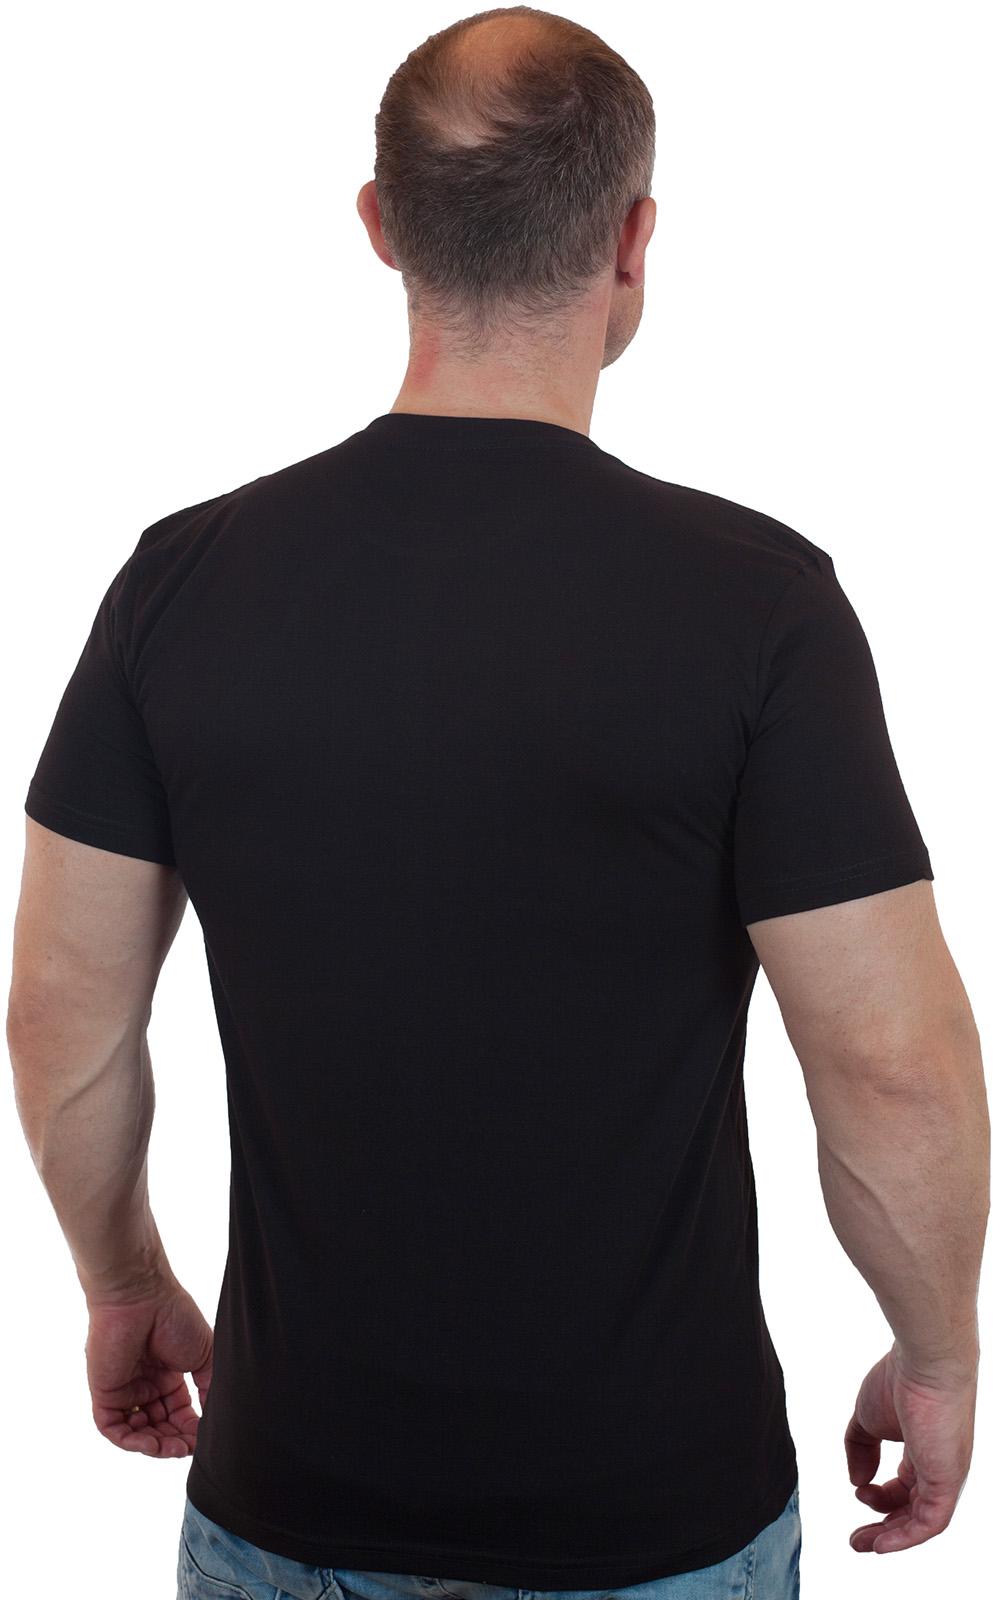 Черная футболка с вышитым шевроном Балтийского флота купить по хорошей цене